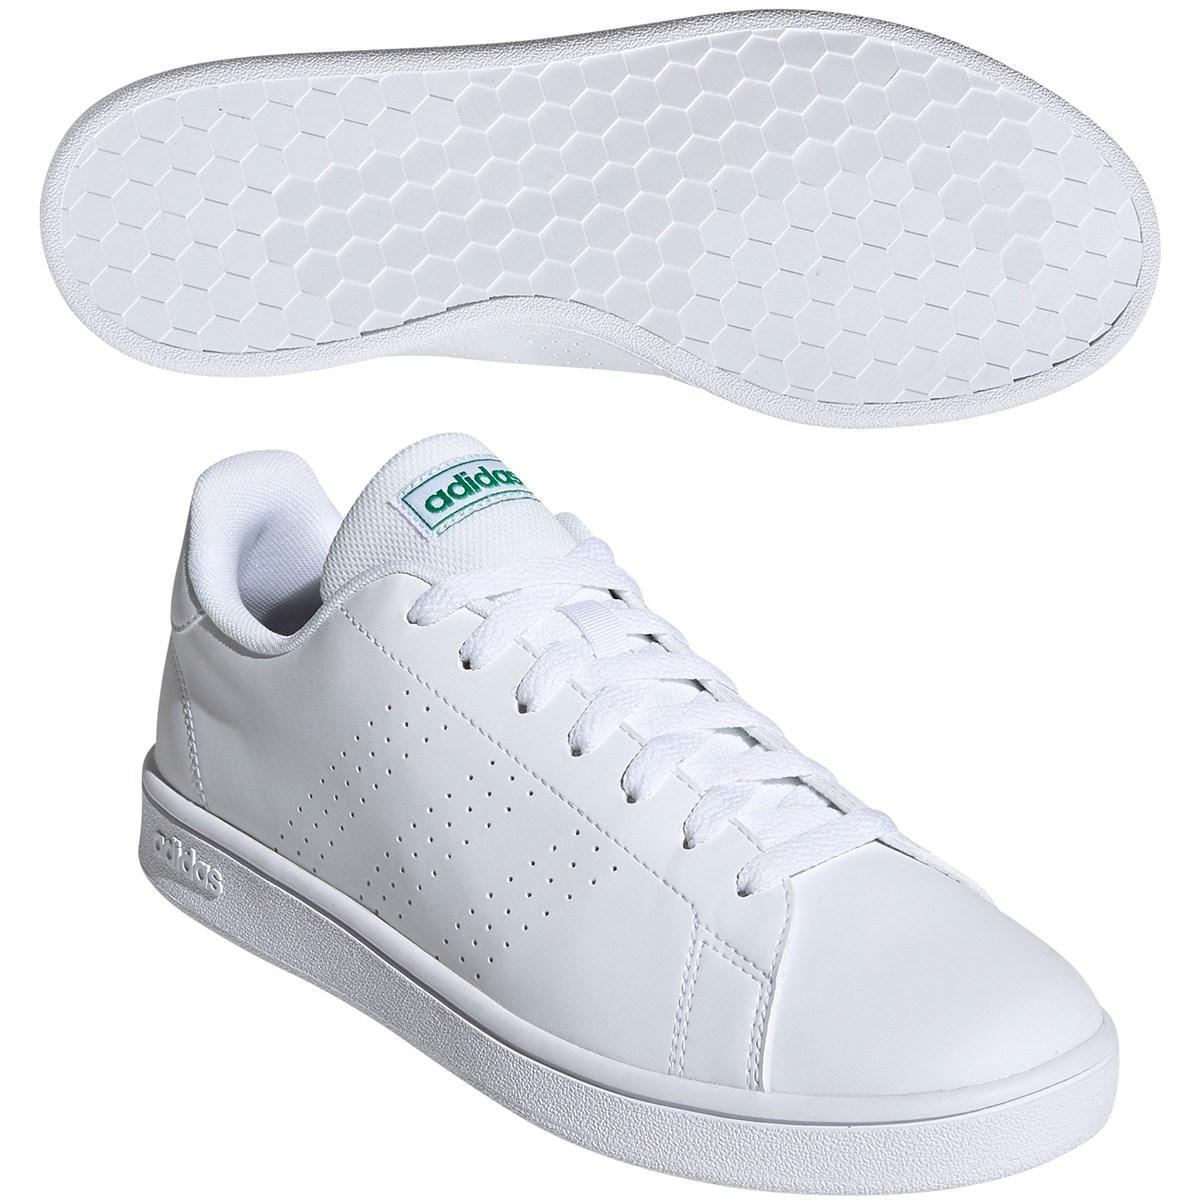 アディダス Adidas ADVANCOURT BASE シューズ 26cm ランニングホワイト/ランニングホワイト/グリーン